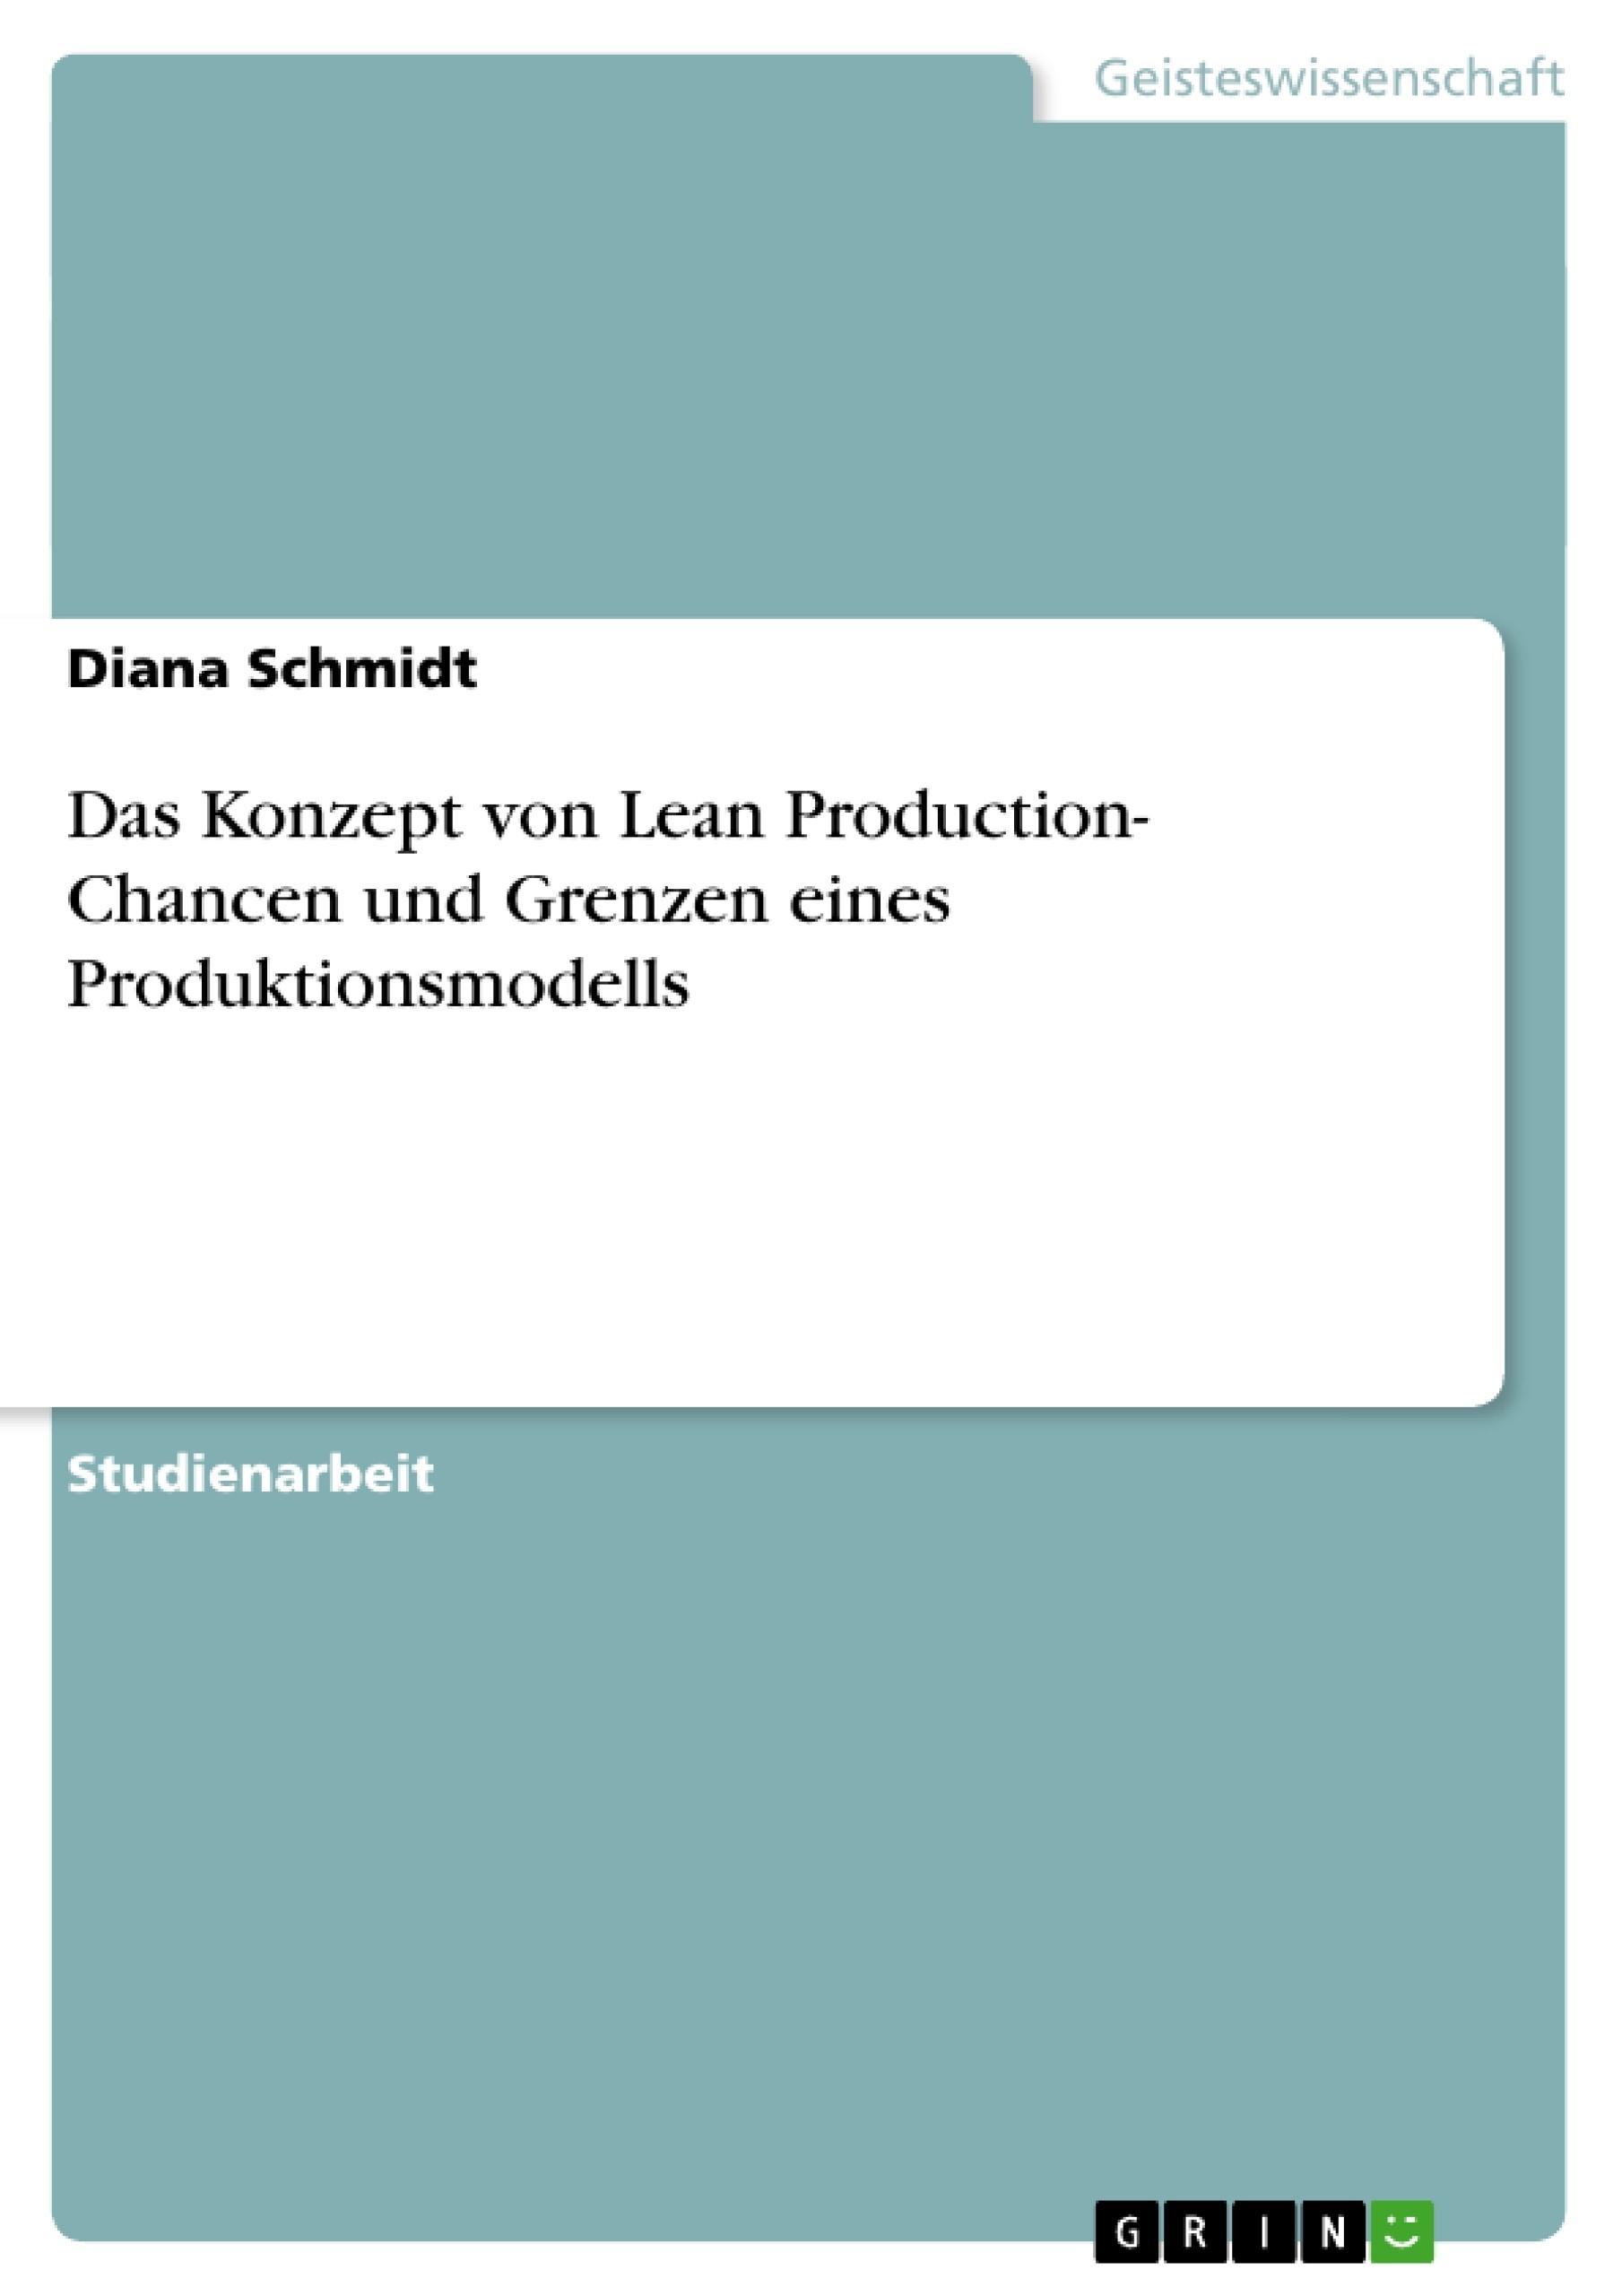 Titel: Das Konzept von Lean Production- Chancen und Grenzen eines Produktionsmodells